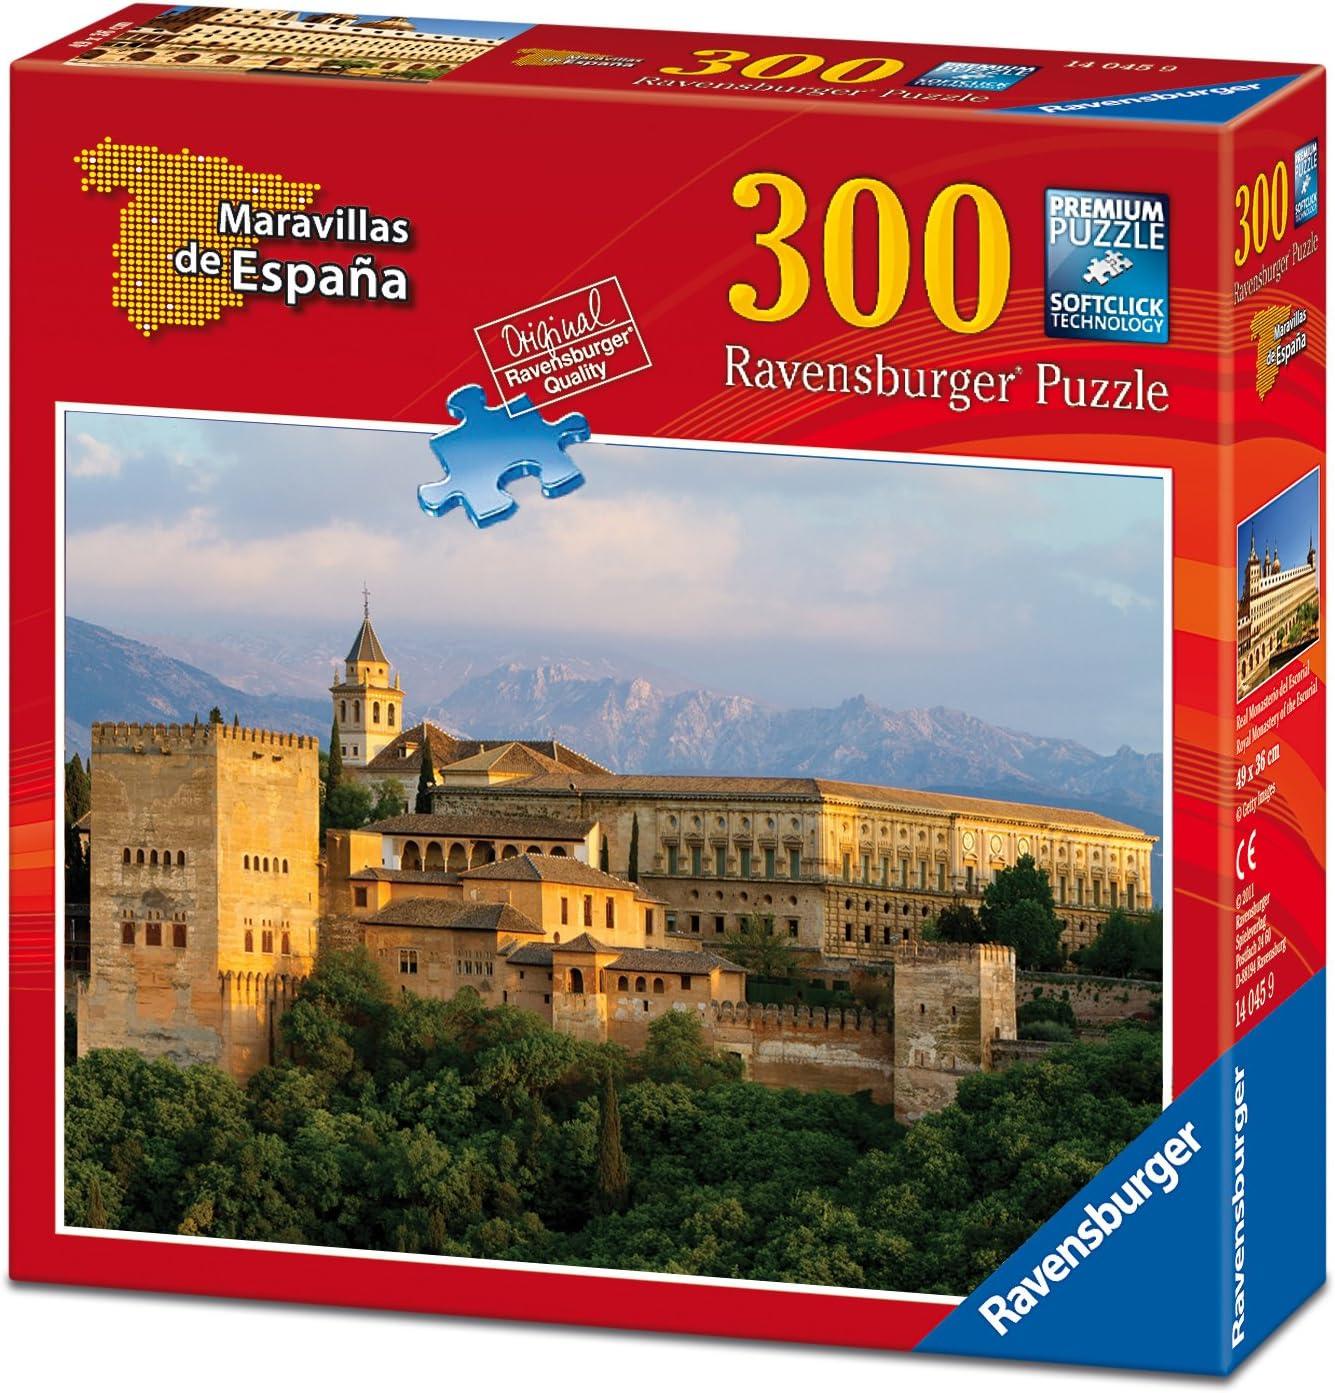 Ravensburger - Maravillas de España: La Alhambra, Puzzle de 300 ...